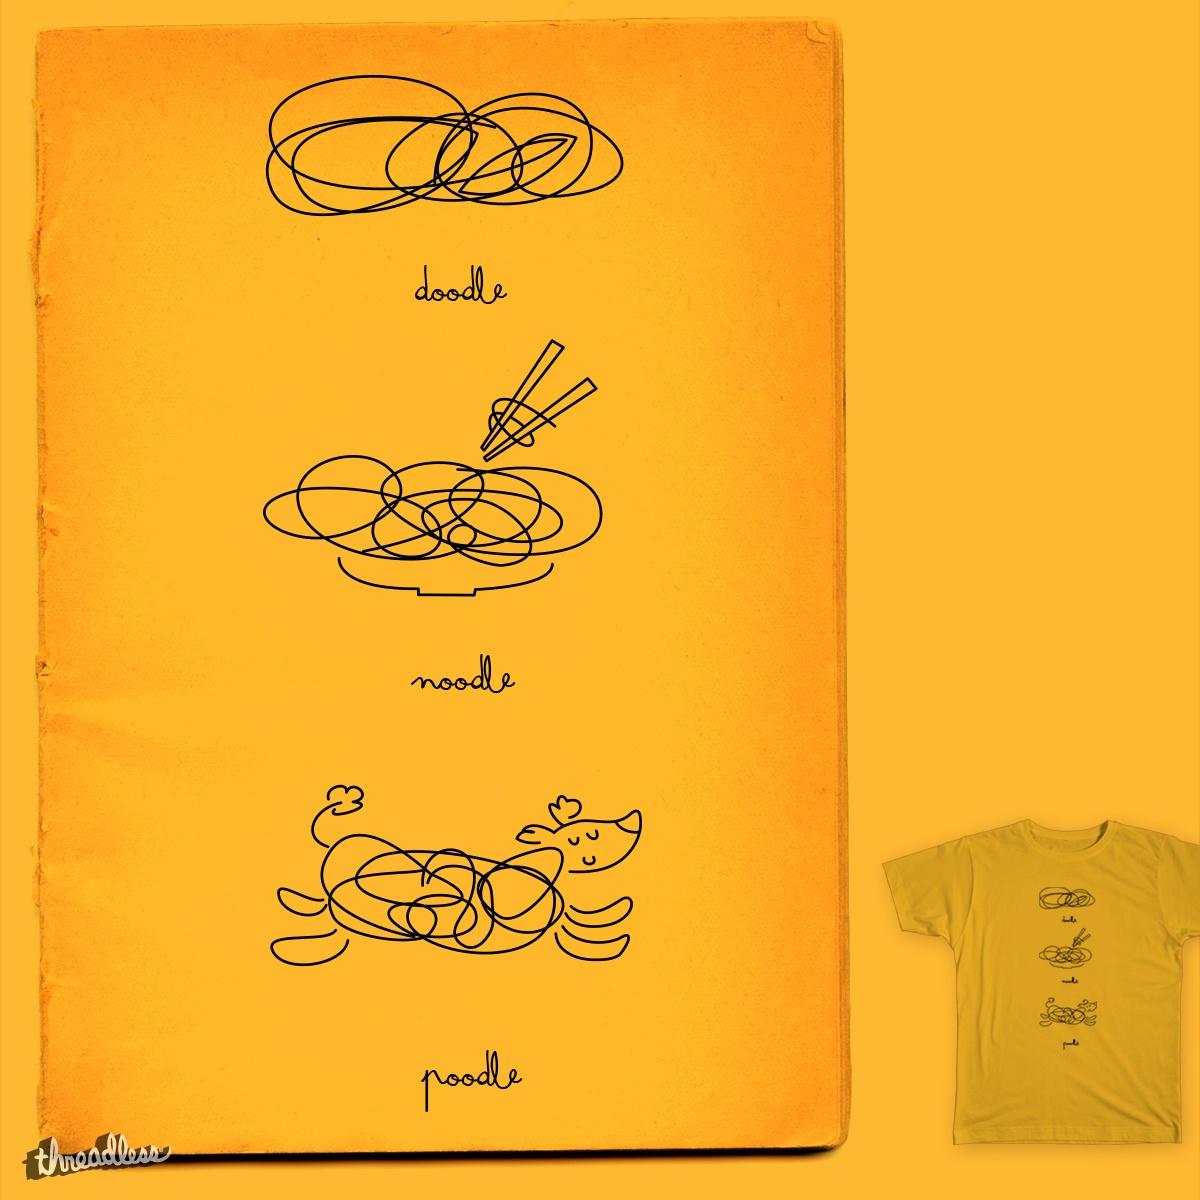 Score doodle-noodle-poodle by chelo jm on Threadless